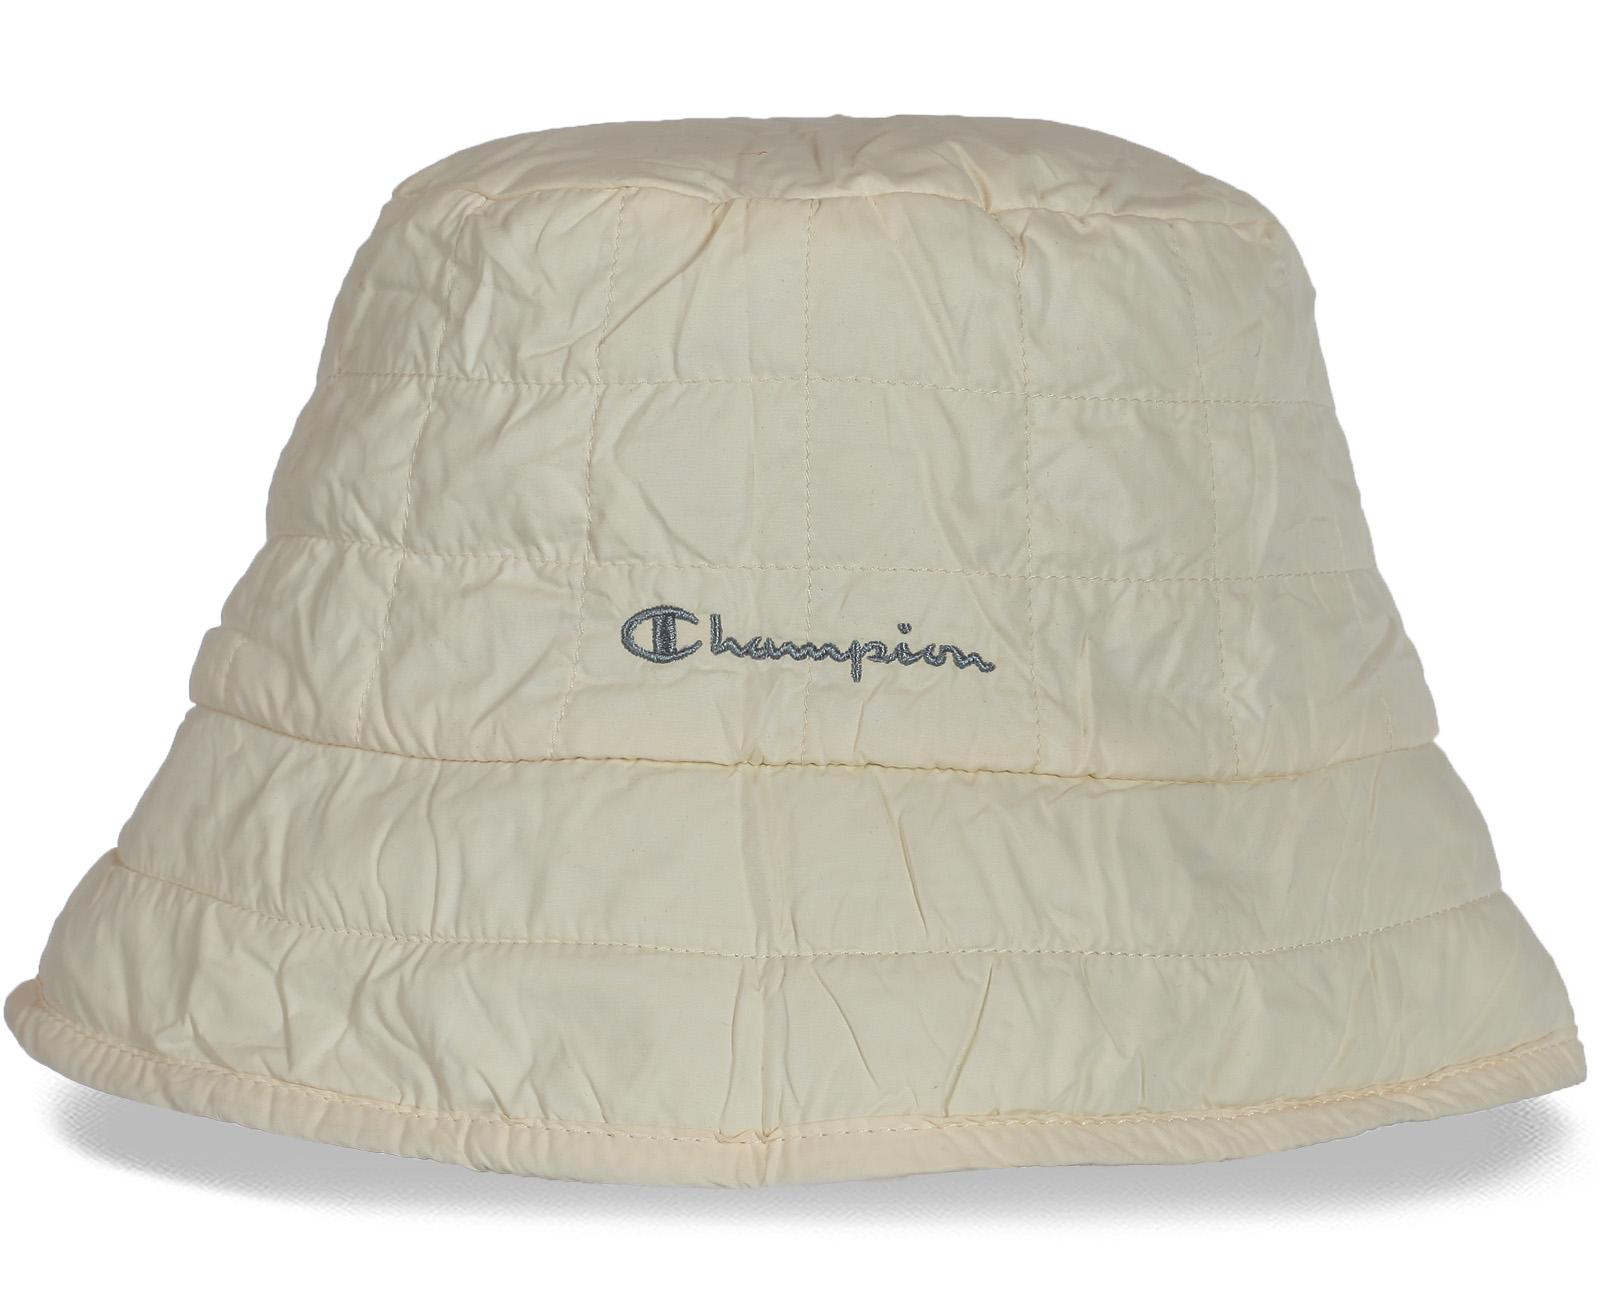 Элегантная женская шляпка Champion